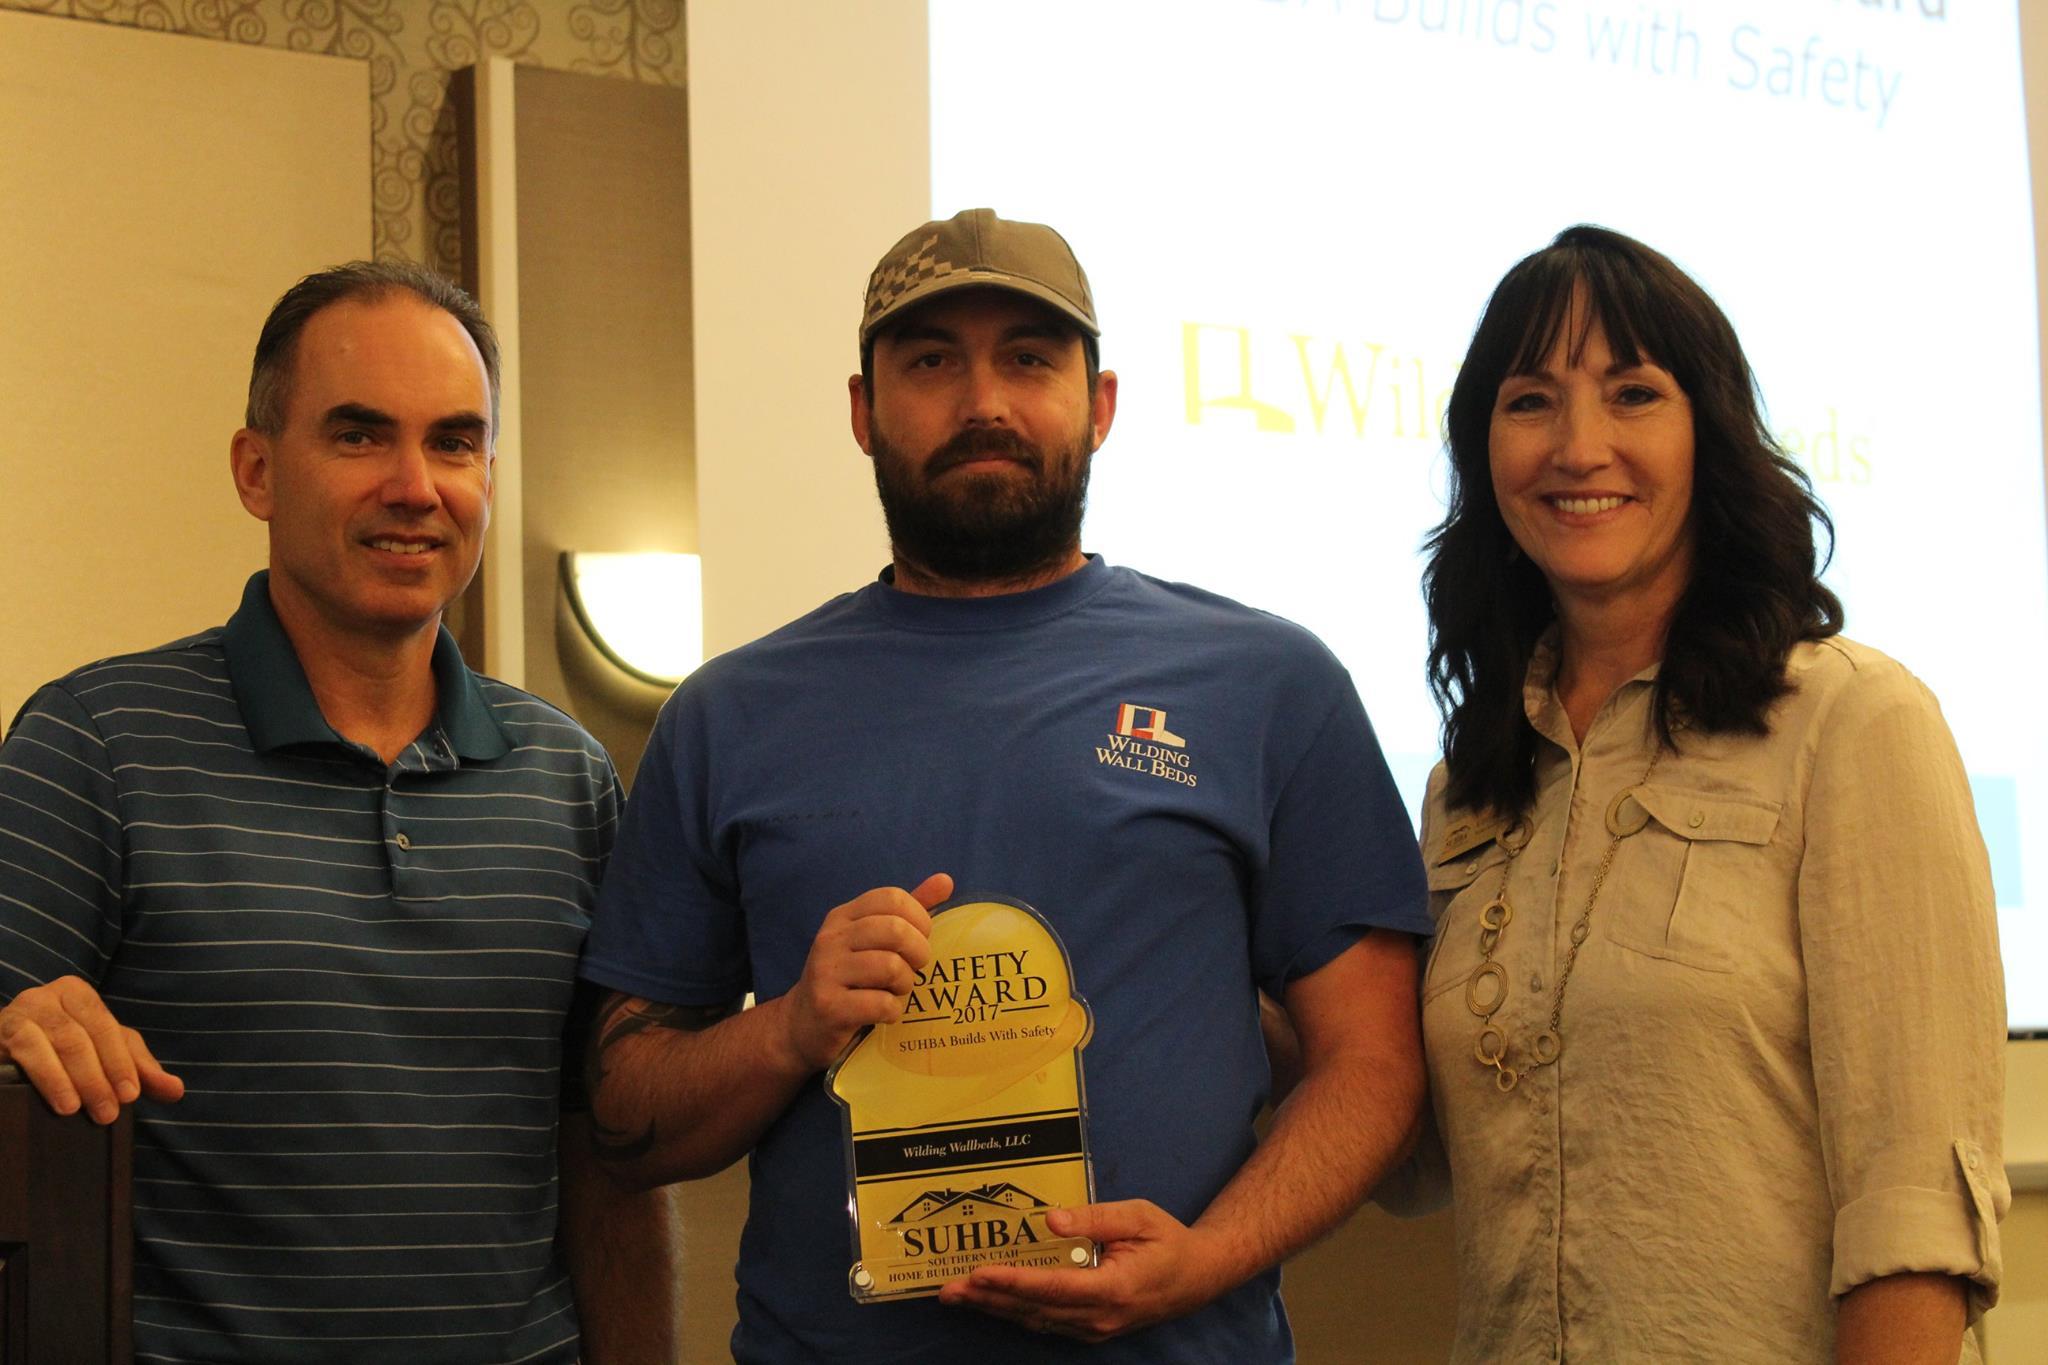 2017 Safety Award